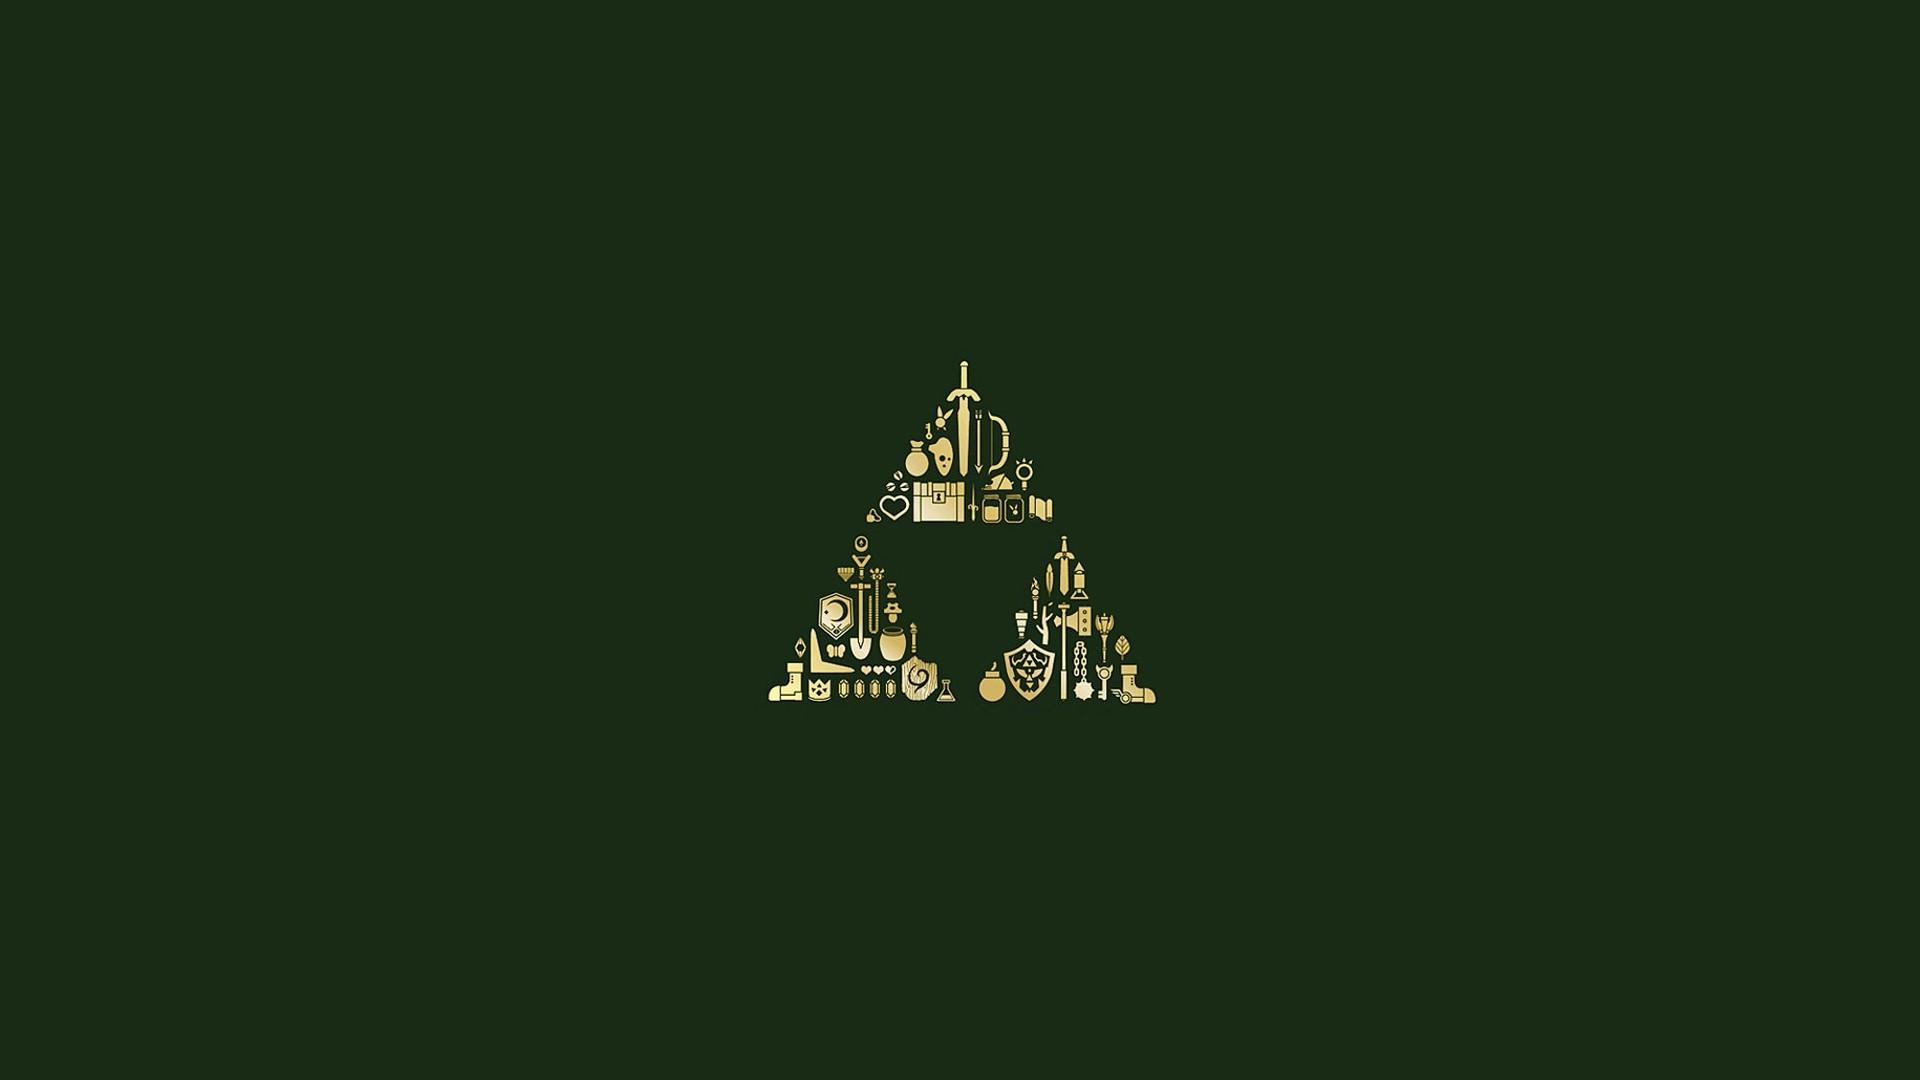 Fond D Ecran Minimalisme Texte Logo Triangle Arbre De Noel La